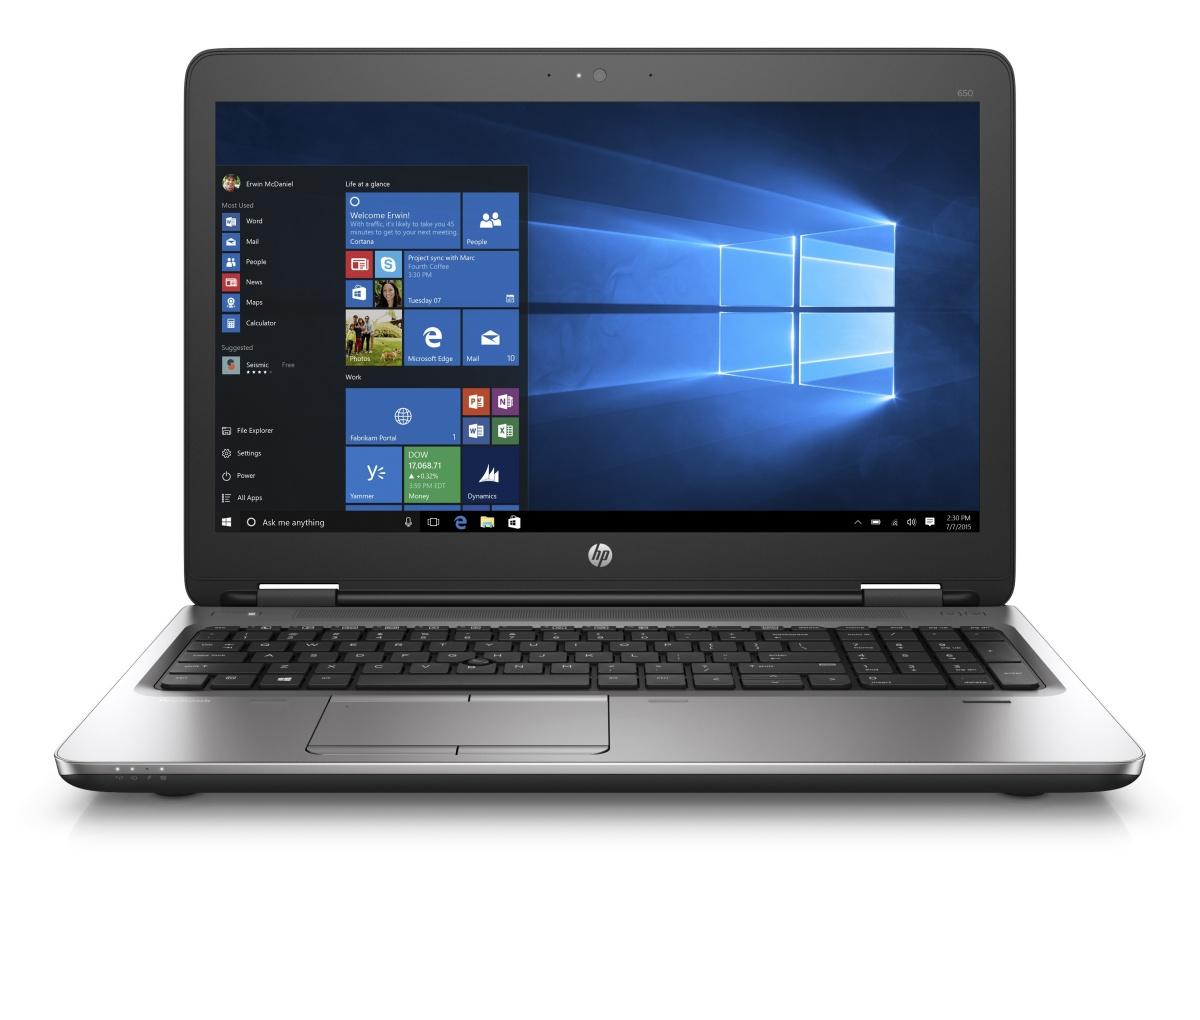 HP ProBook 650 G2 i7-6820HQ / 8GB / 512 GB SSD/ 15,6'' FHD / backlit kbd / vPro / Win 10 Pro + Win 7 Pro